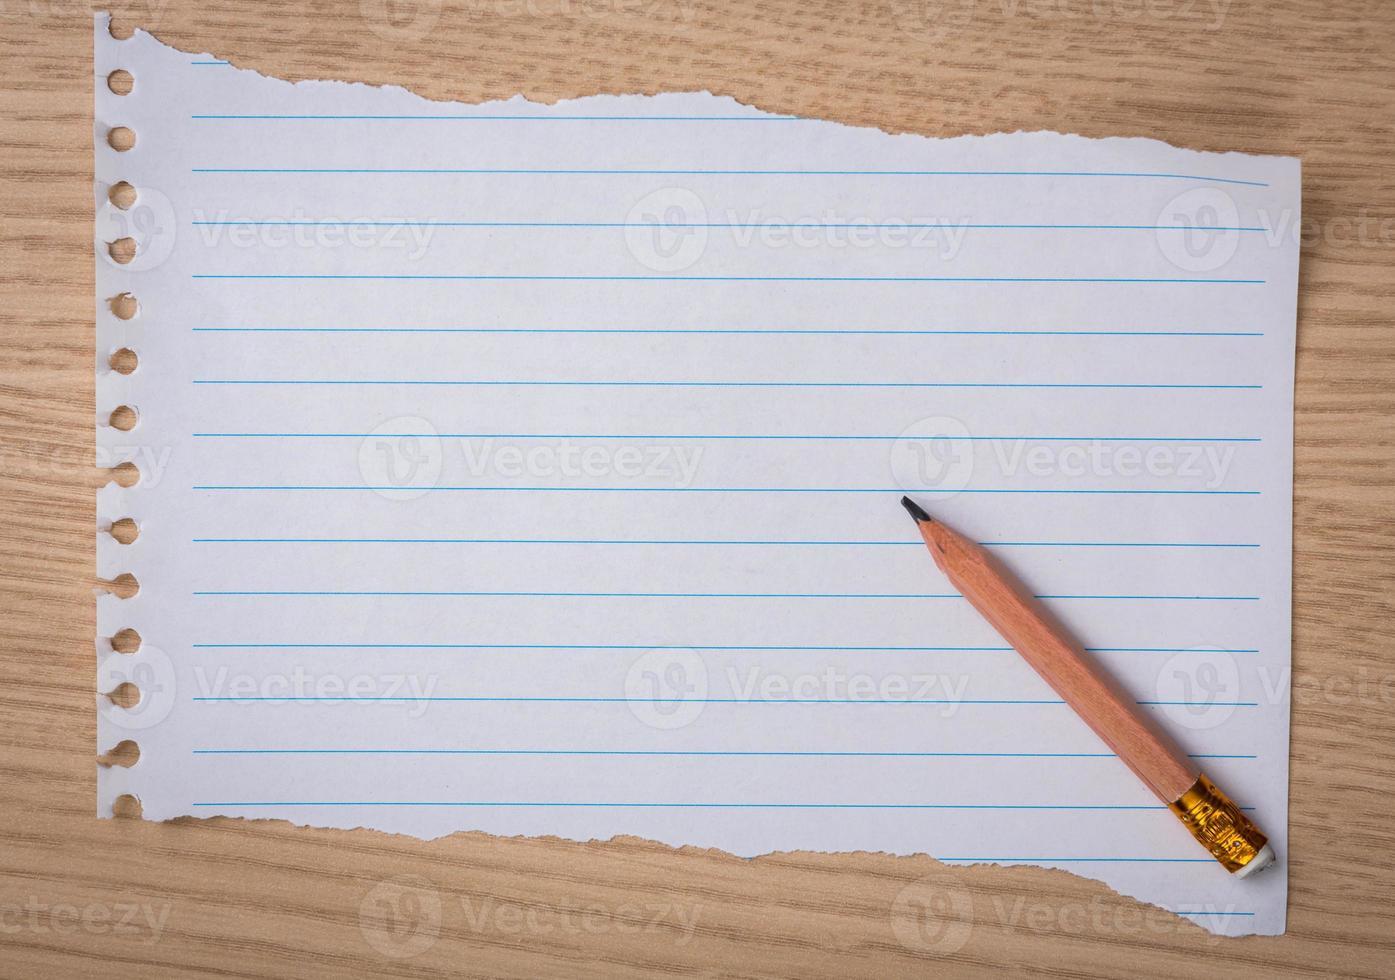 weißes Notizbuchpapier mit Bleistift auf einem hölzernen Schreibtisch foto